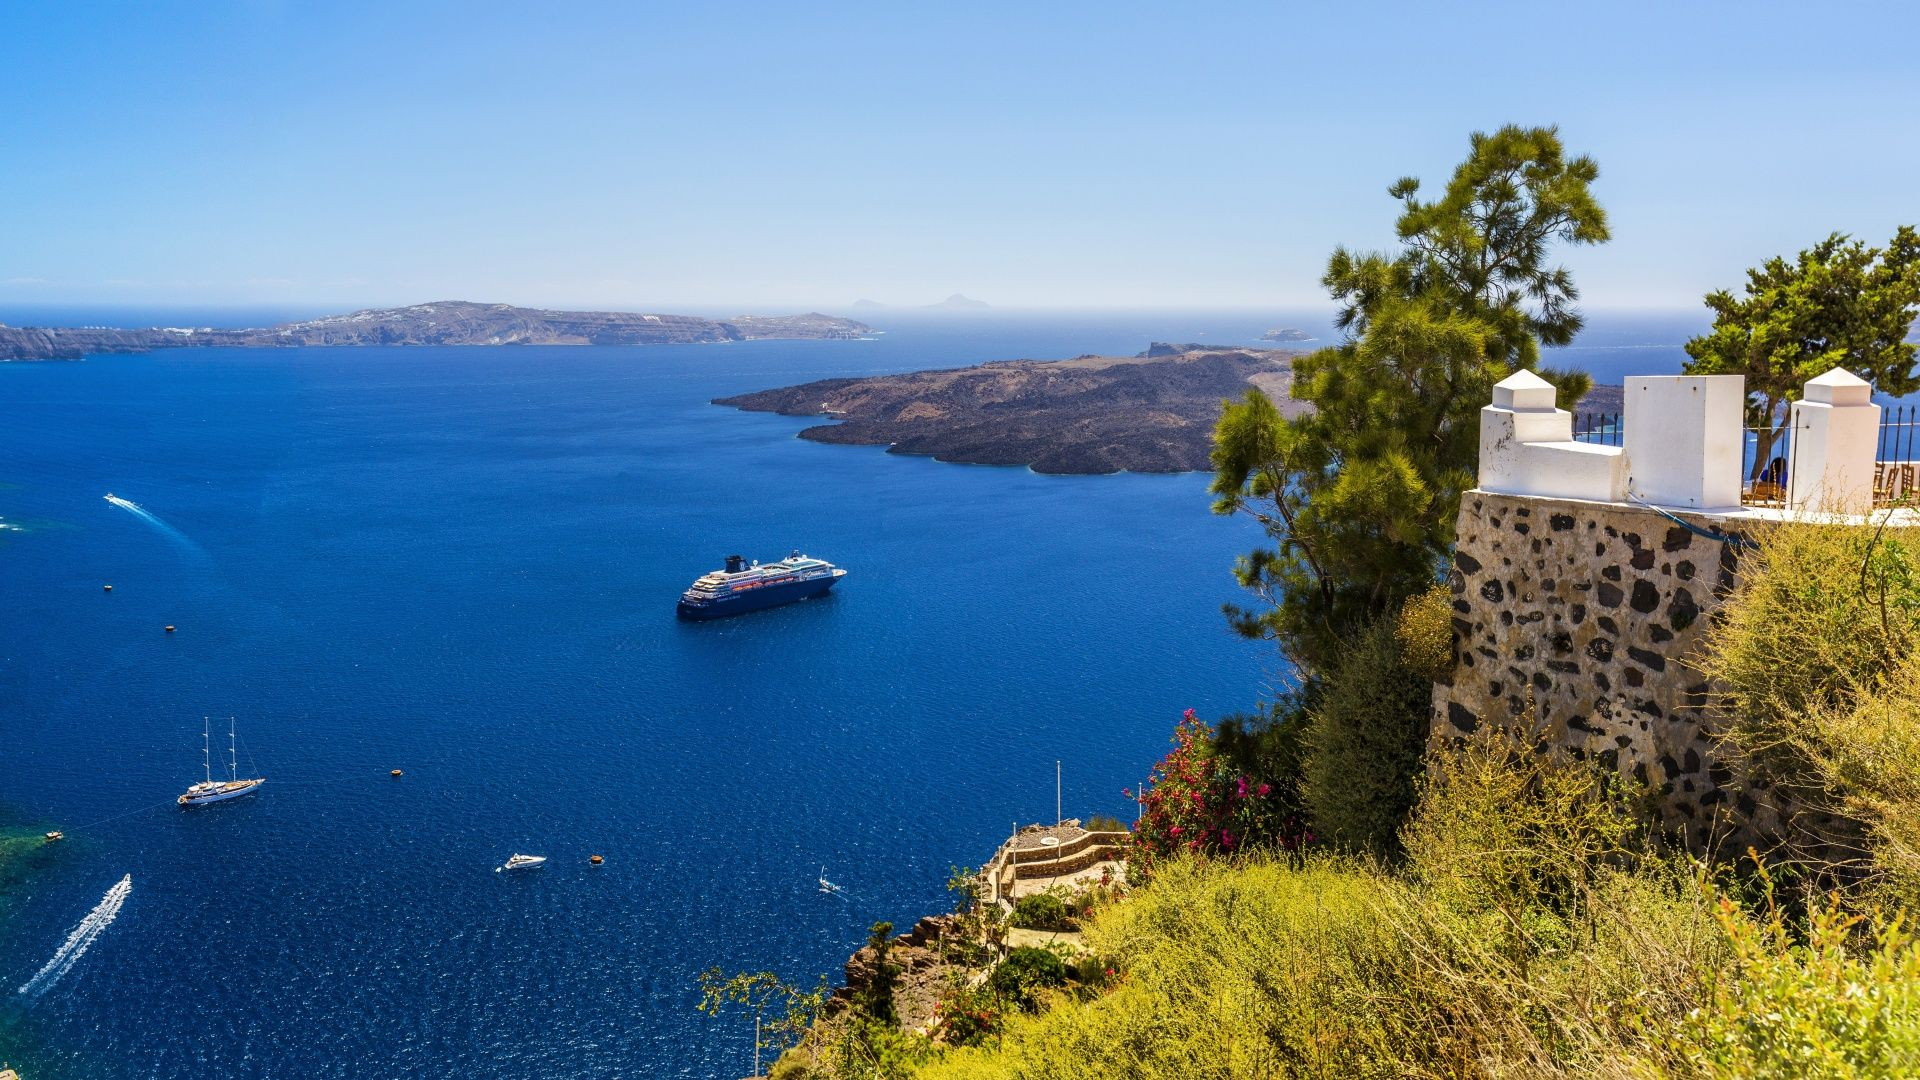 Обои греция, вид на море. Природа foto 10